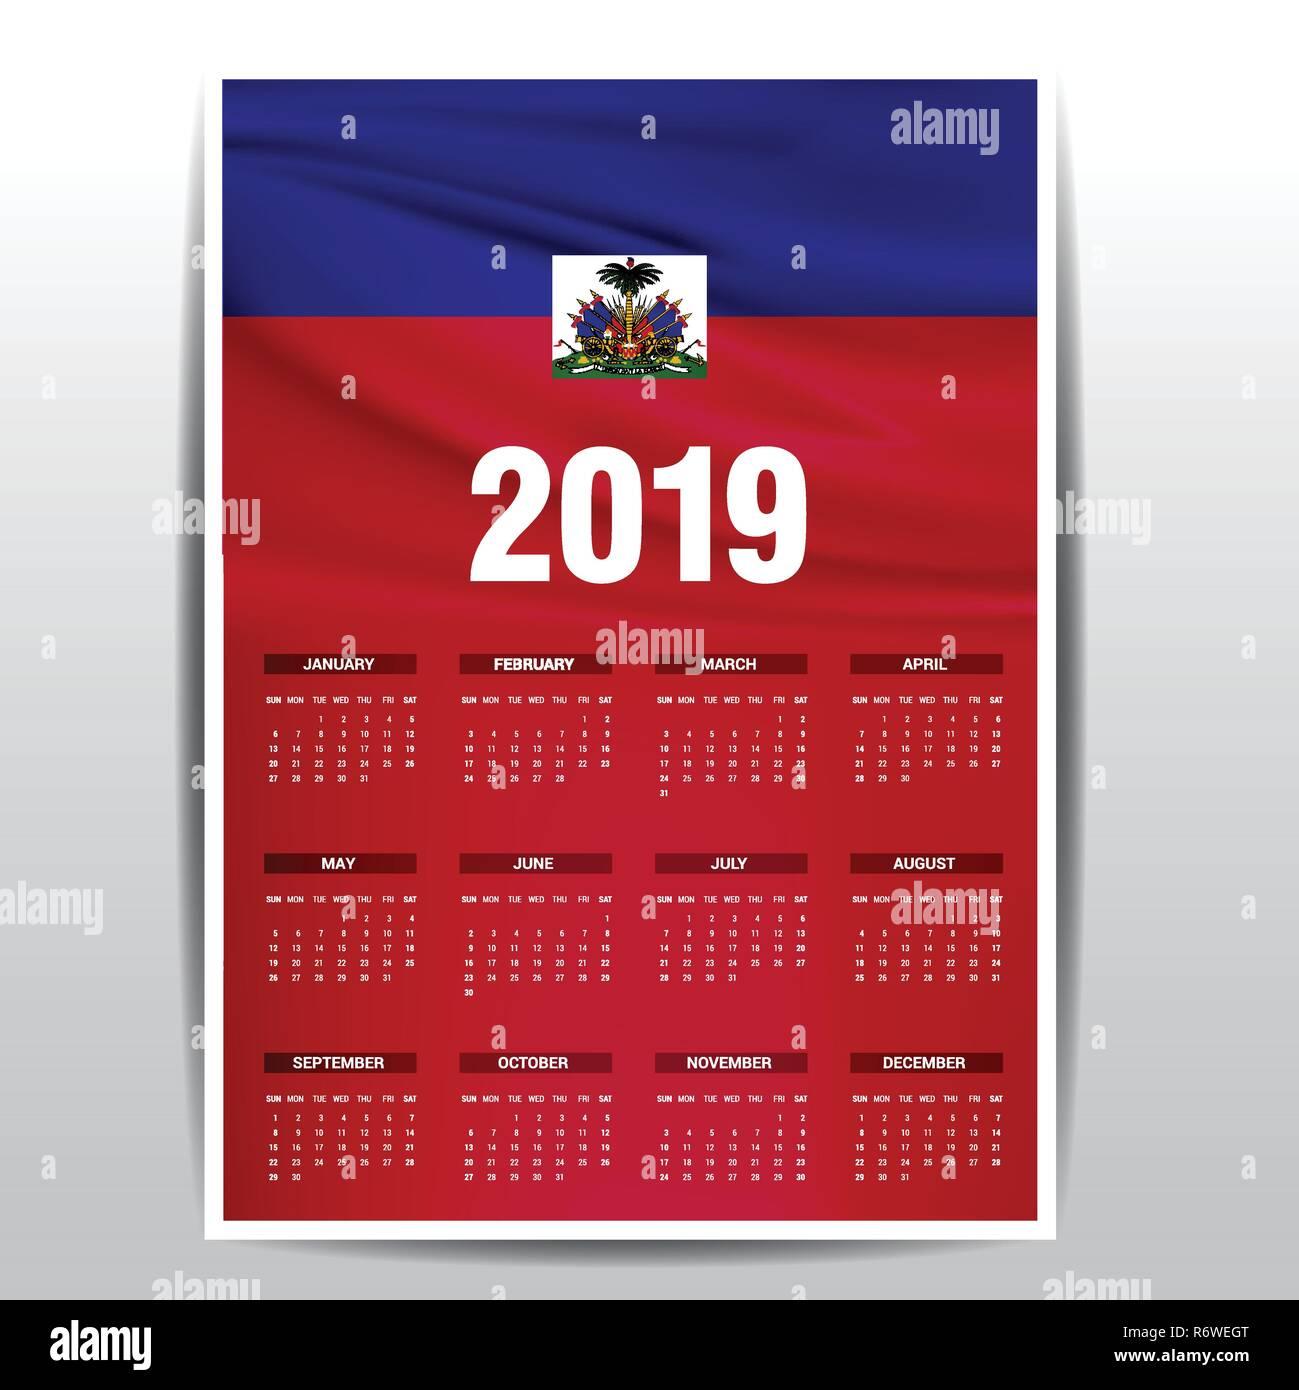 Calendrier 2019 Fete.Calendrier 2019 Drapeau Haiti L Arriere Plan Langue Anglais